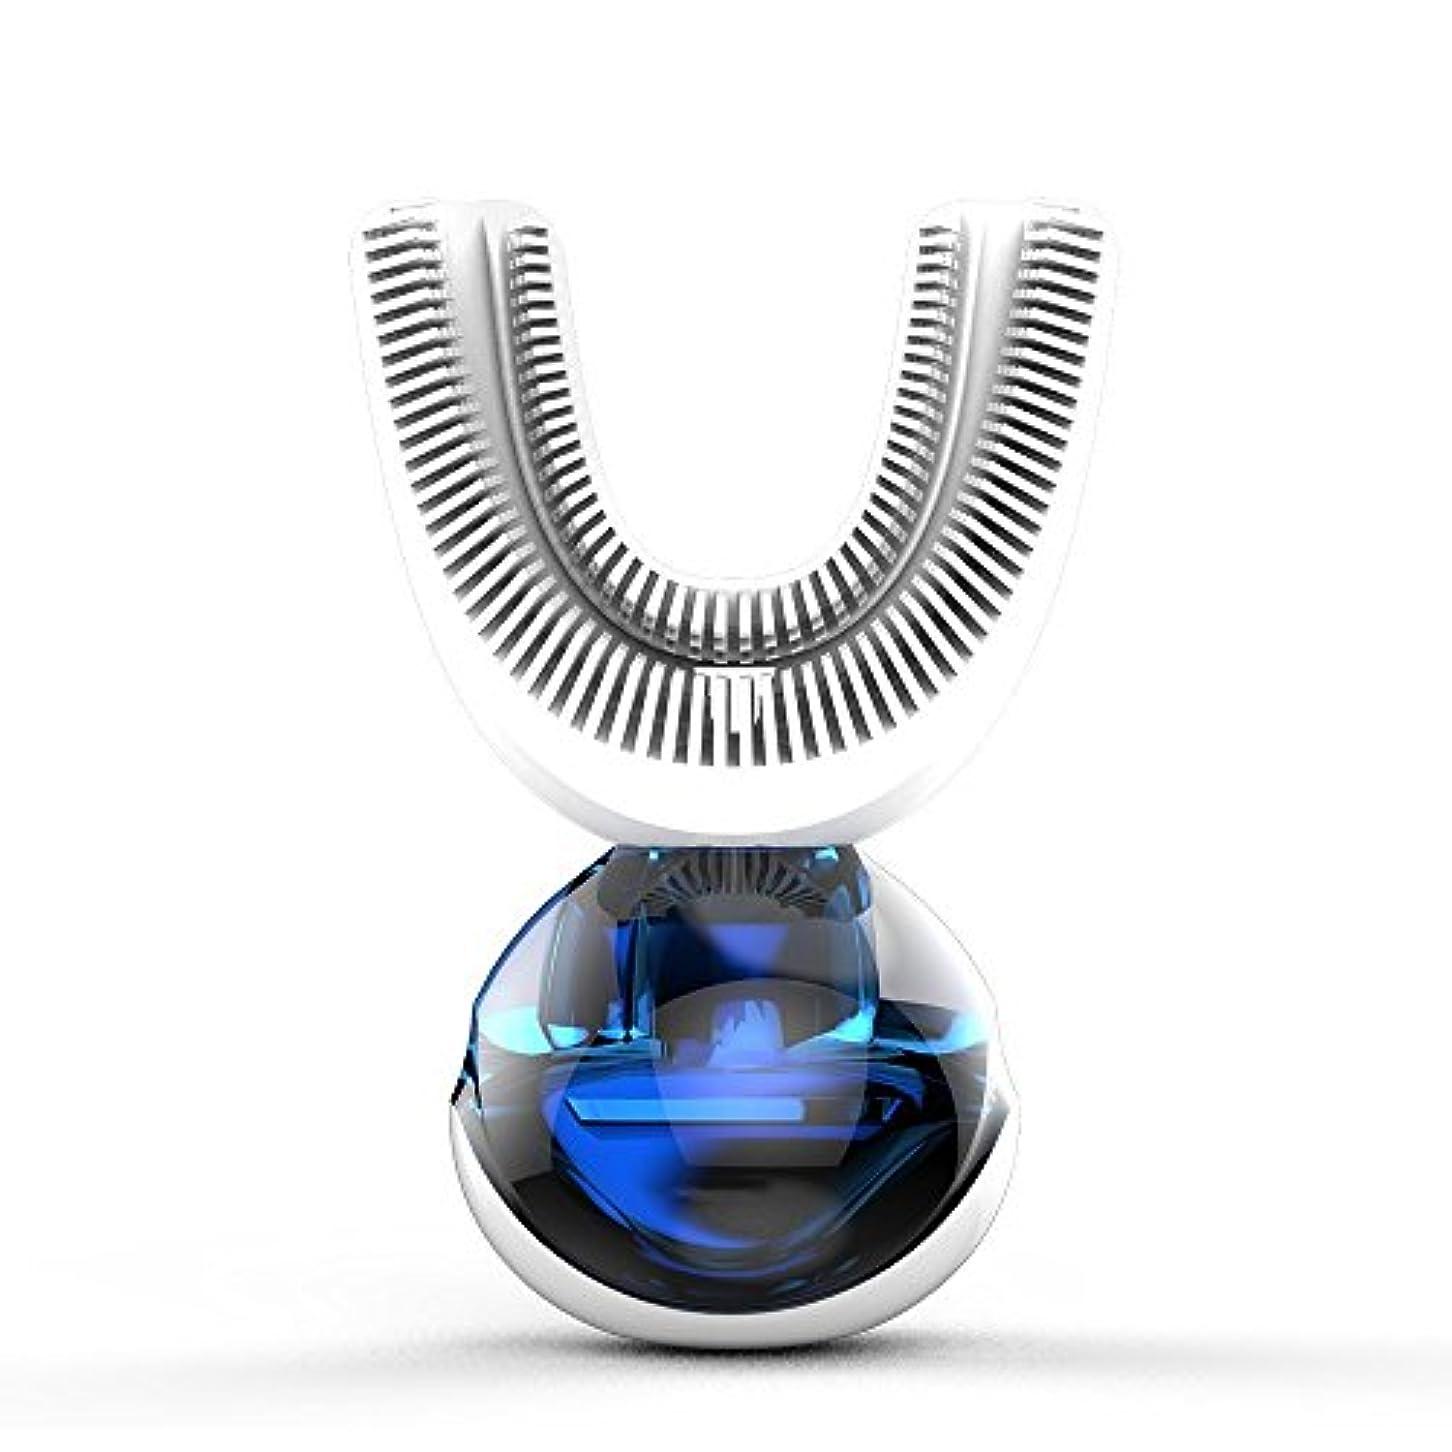 申し立てる高架神秘フルオートマチック可変周波数電動歯ブラシ、自動360度U字型電動歯ブラシ、ワイヤレス充電IPX7防水自動歯ブラシ(大人用)